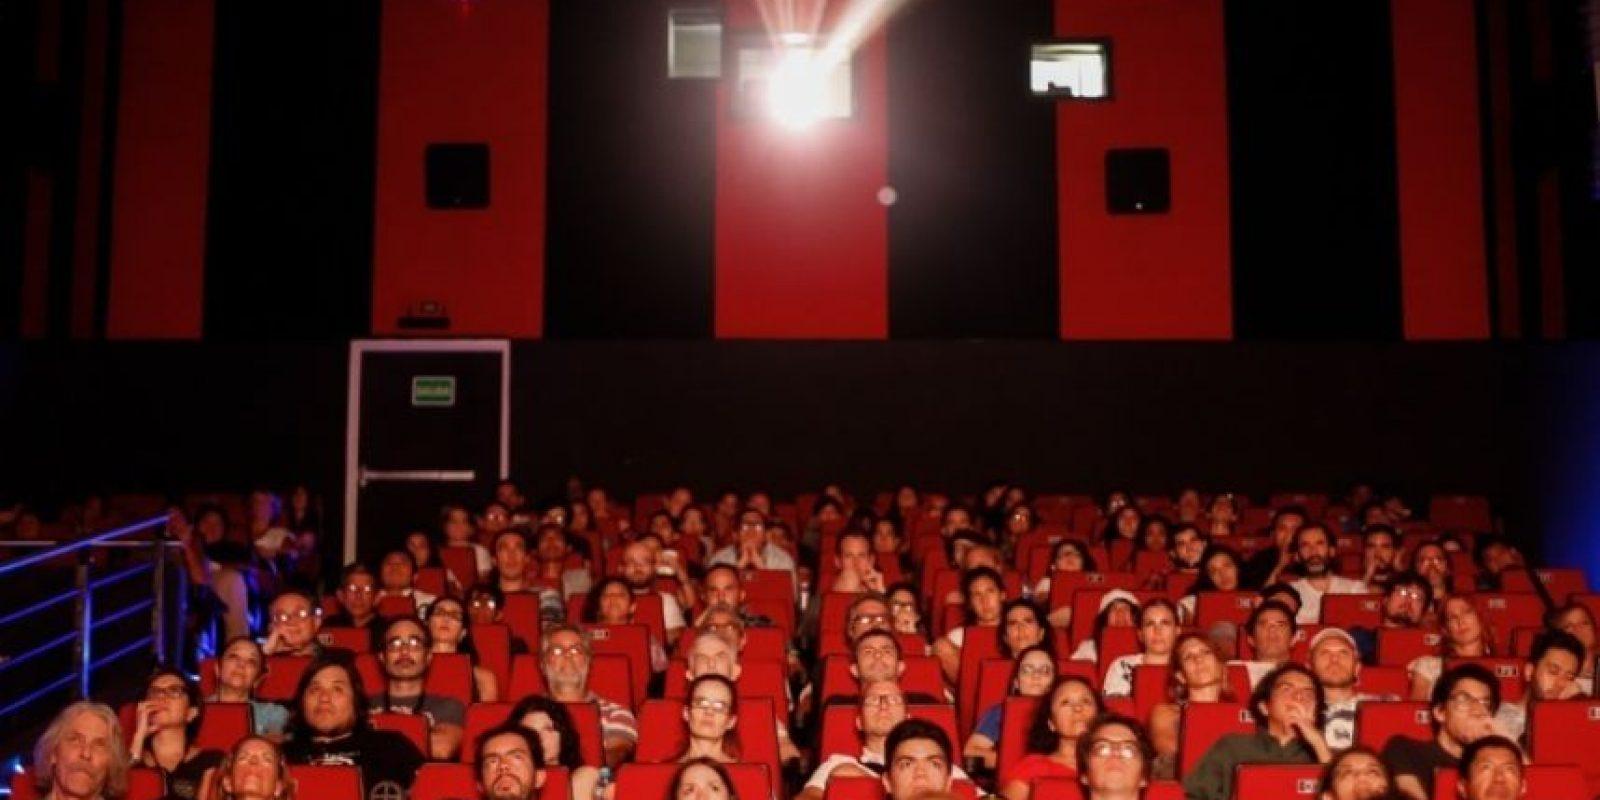 Las proyecciones se llevarán a cabo en diversas salas de cine Foto:Cortesía